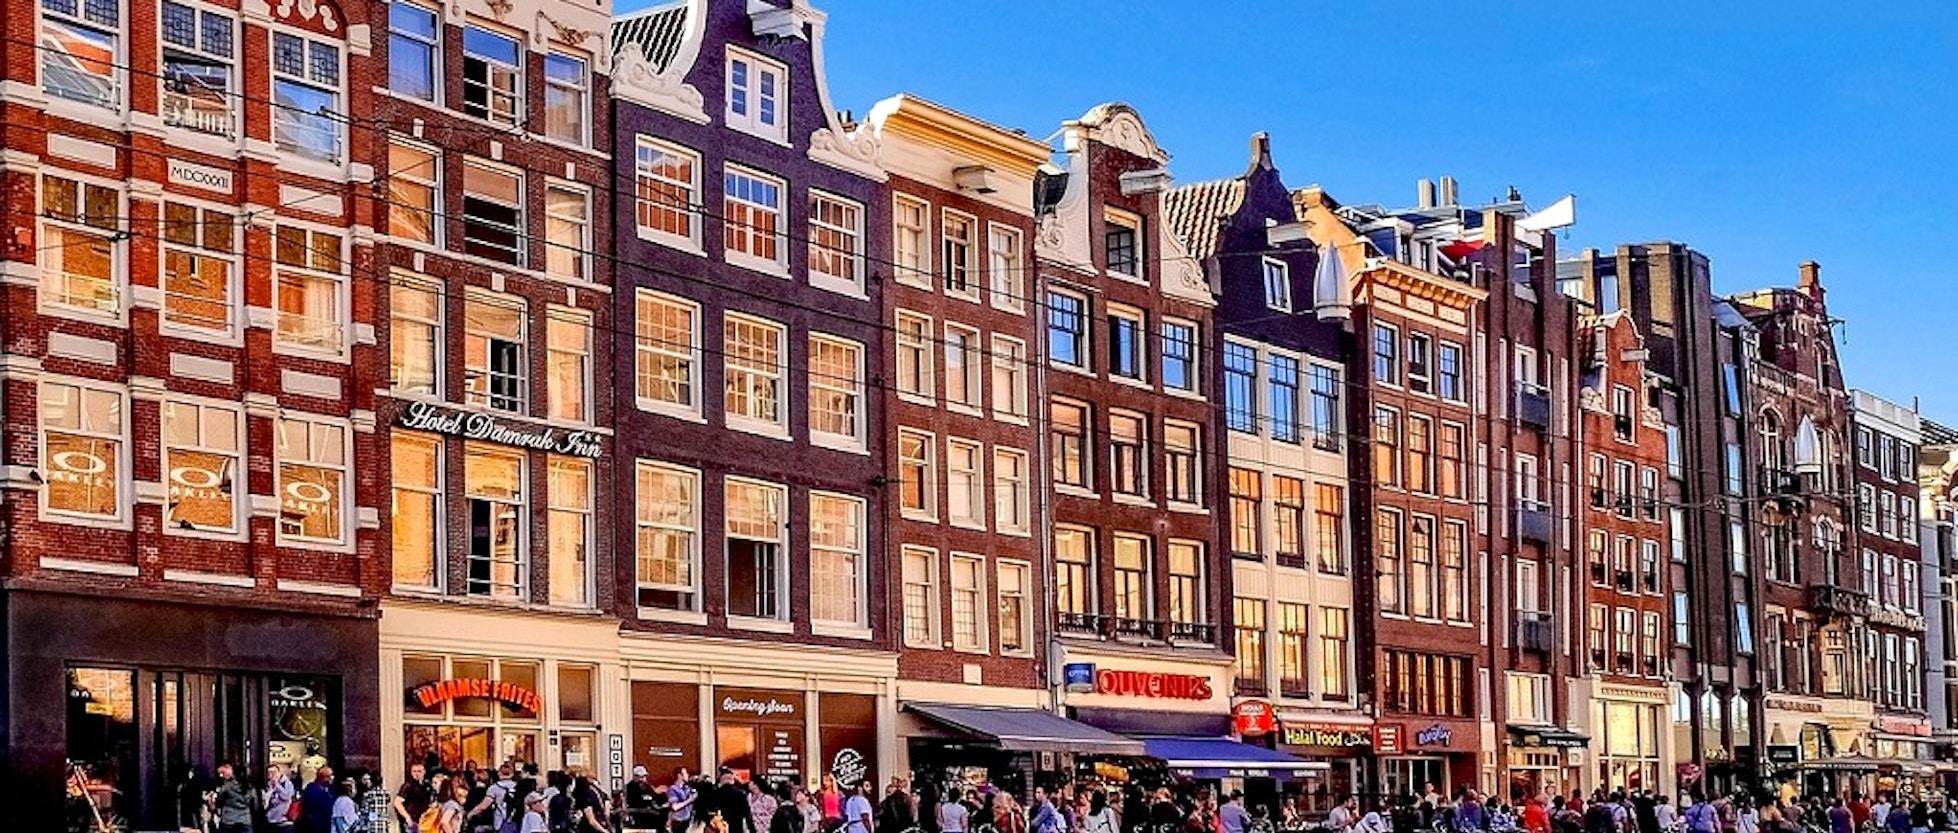 Tassa turistica, ad Amsterdam può aumentare fino a 10€ a notte